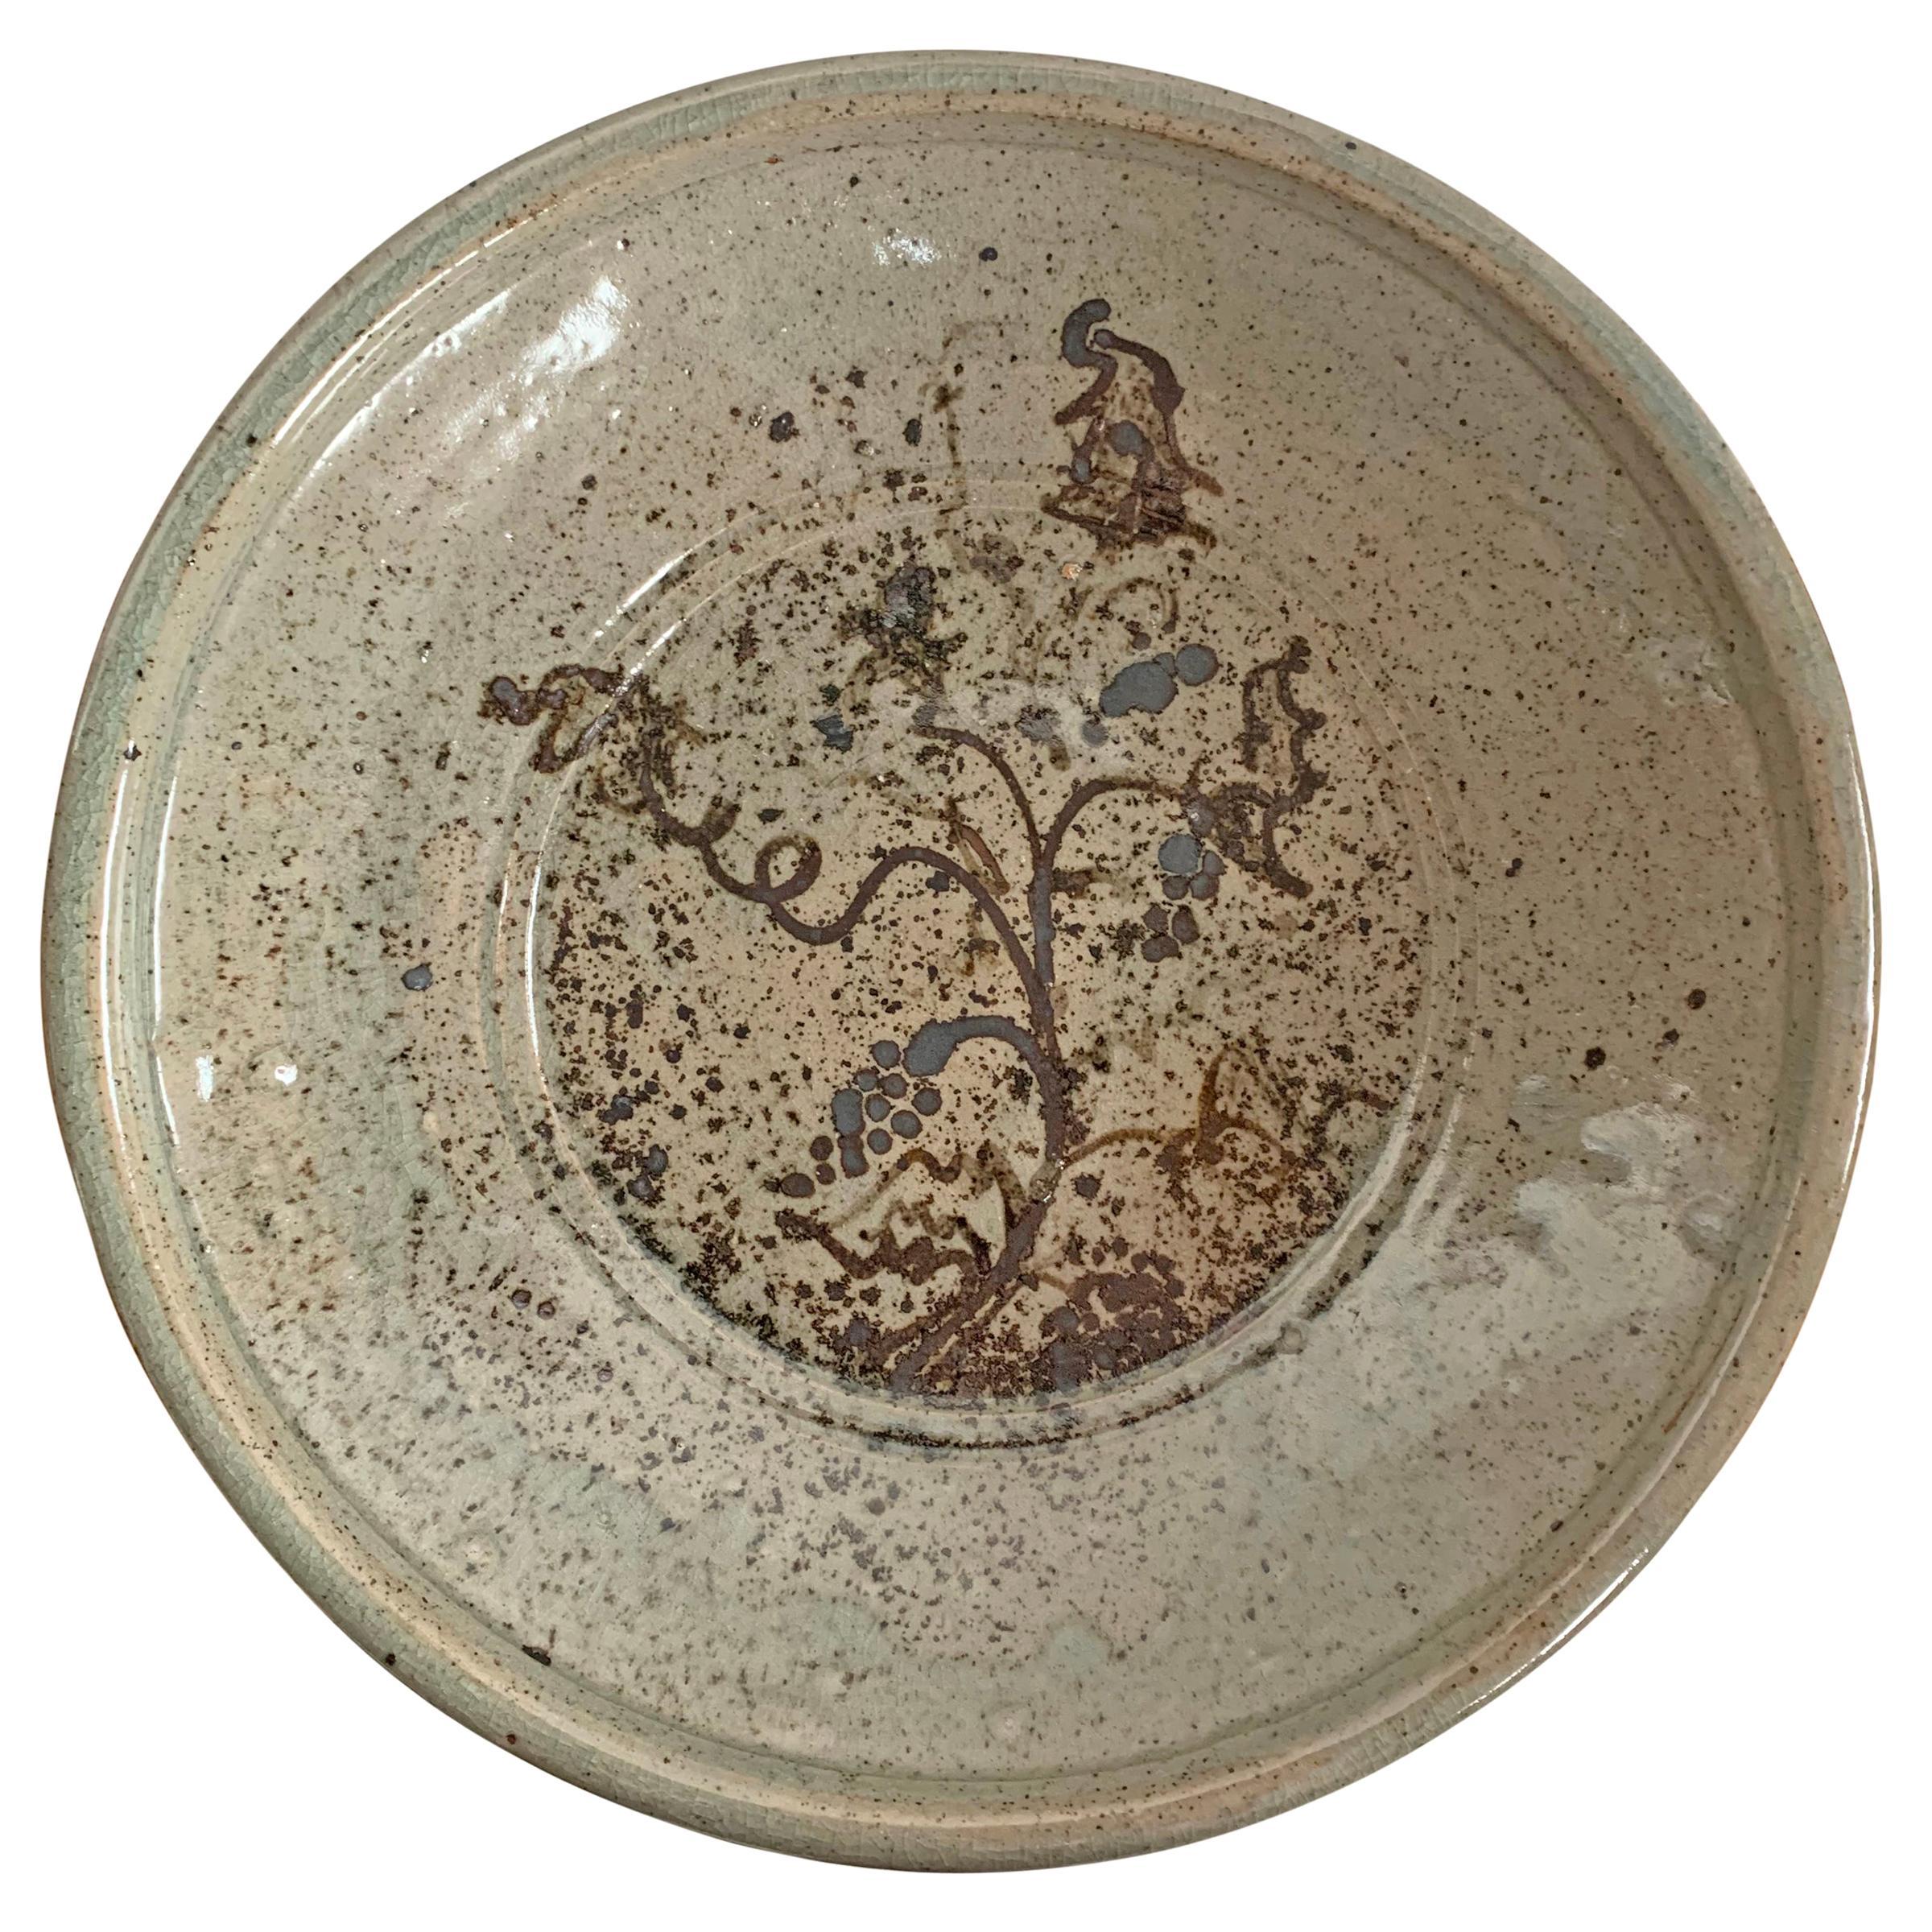 Studio Pottery Platter